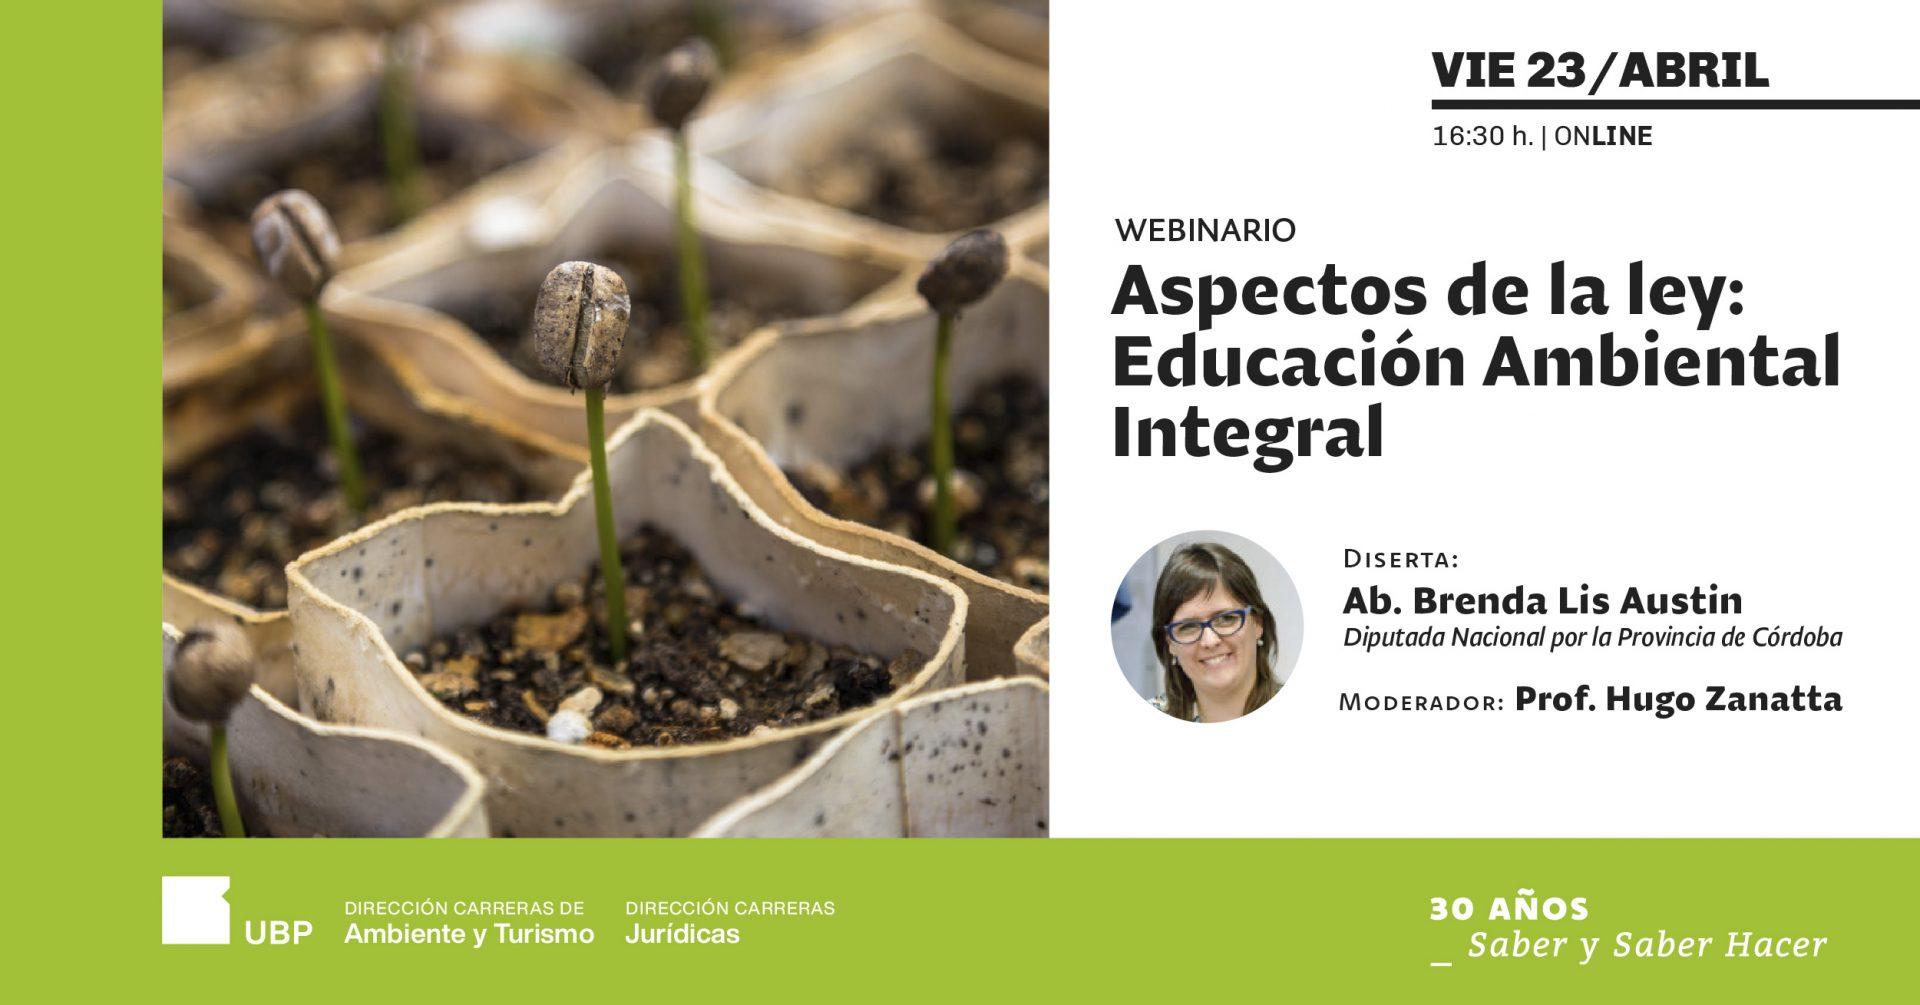 Webinario: Aspectos de la Ley Educación Ambiental Integral